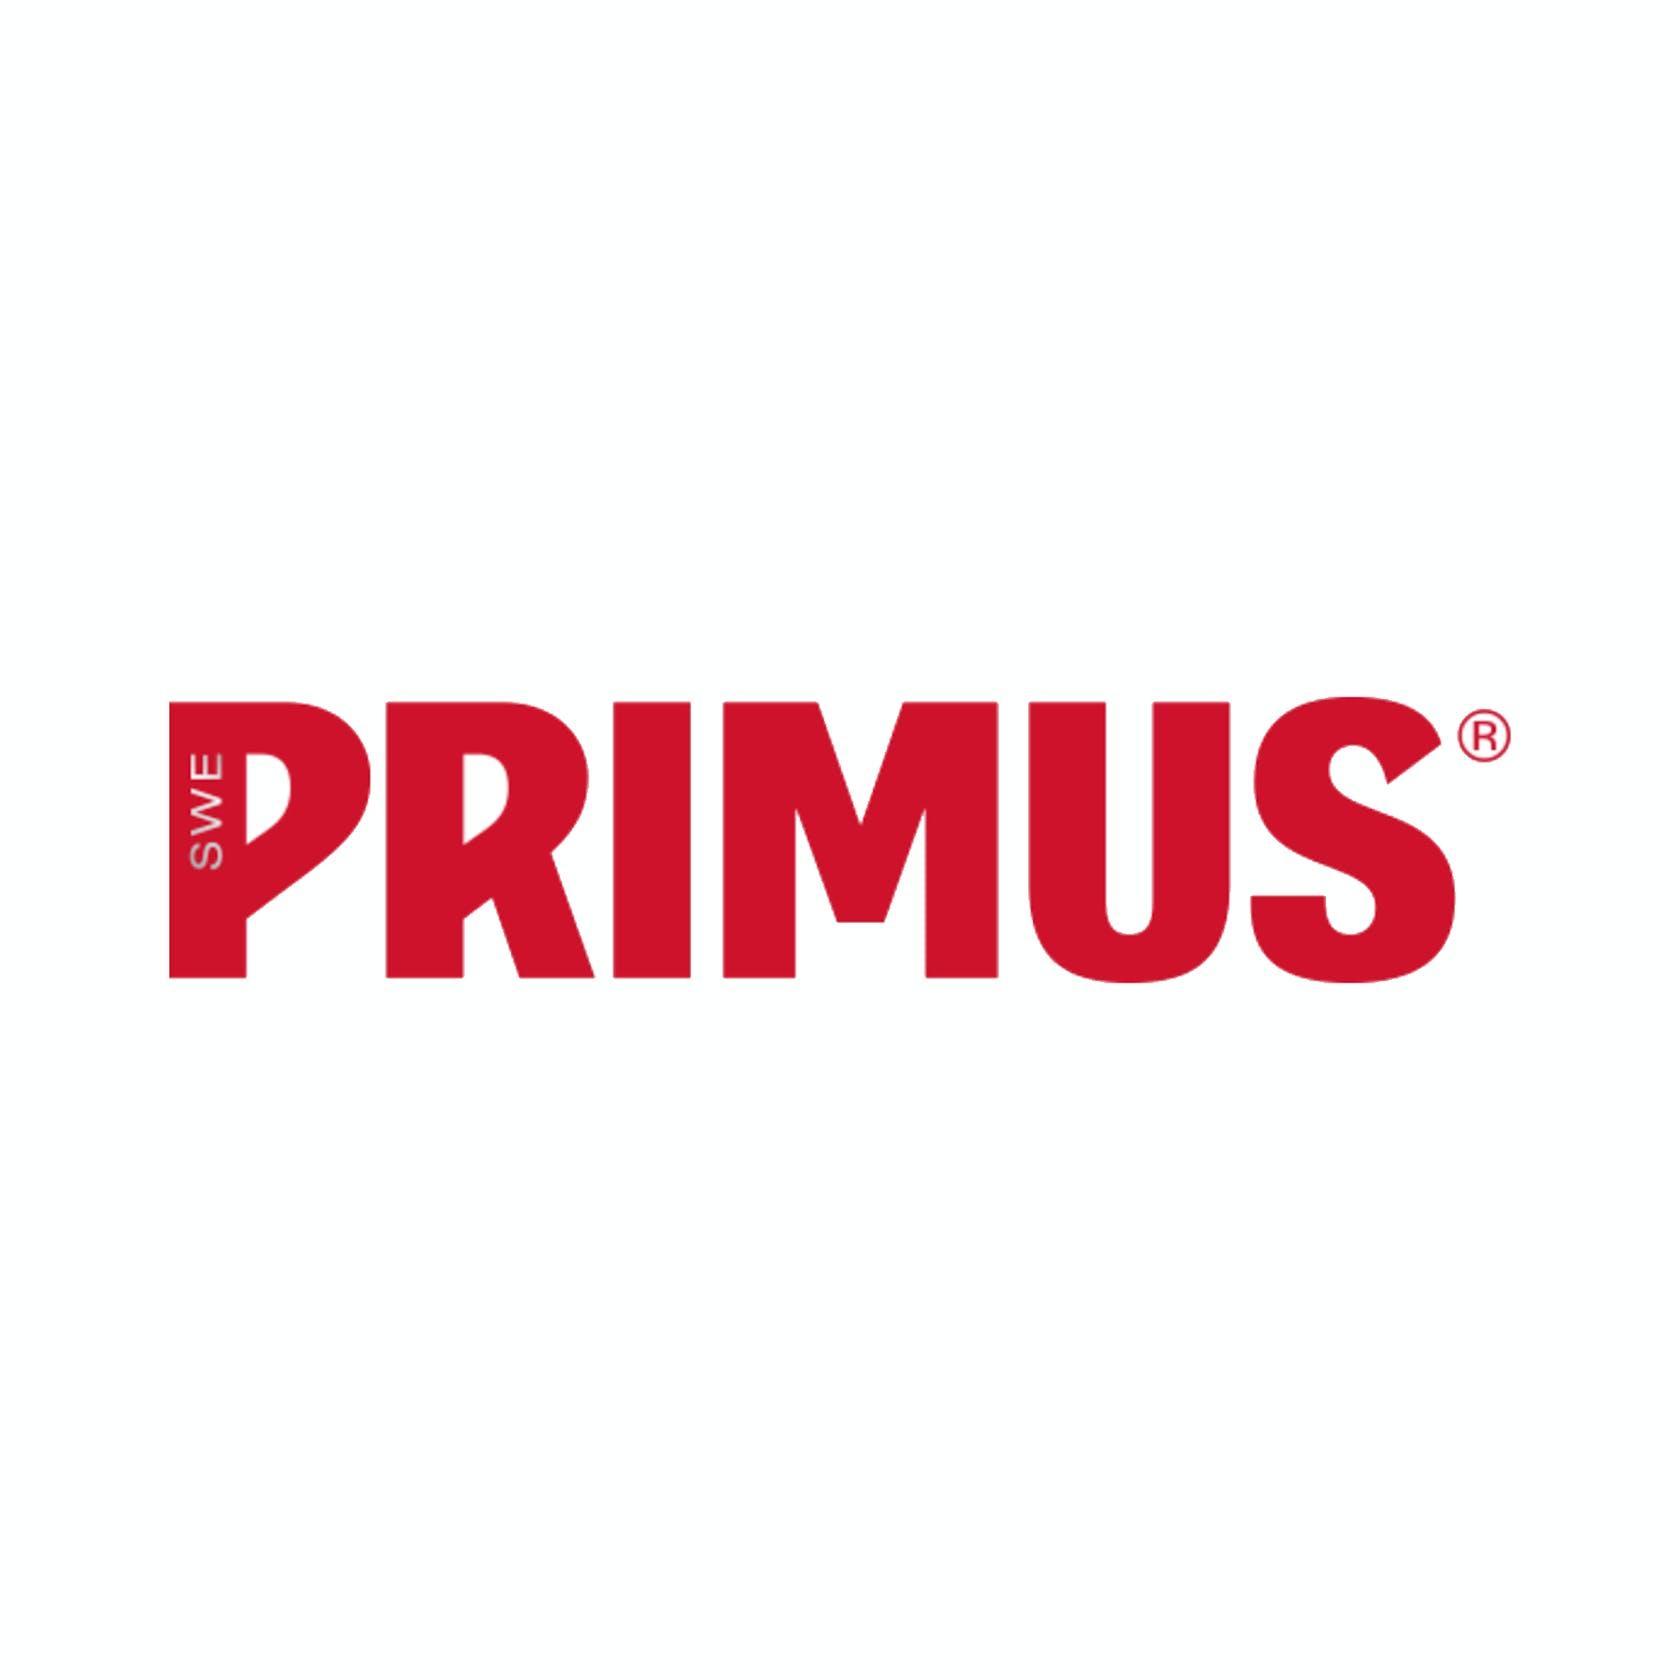 Primus onlineshop